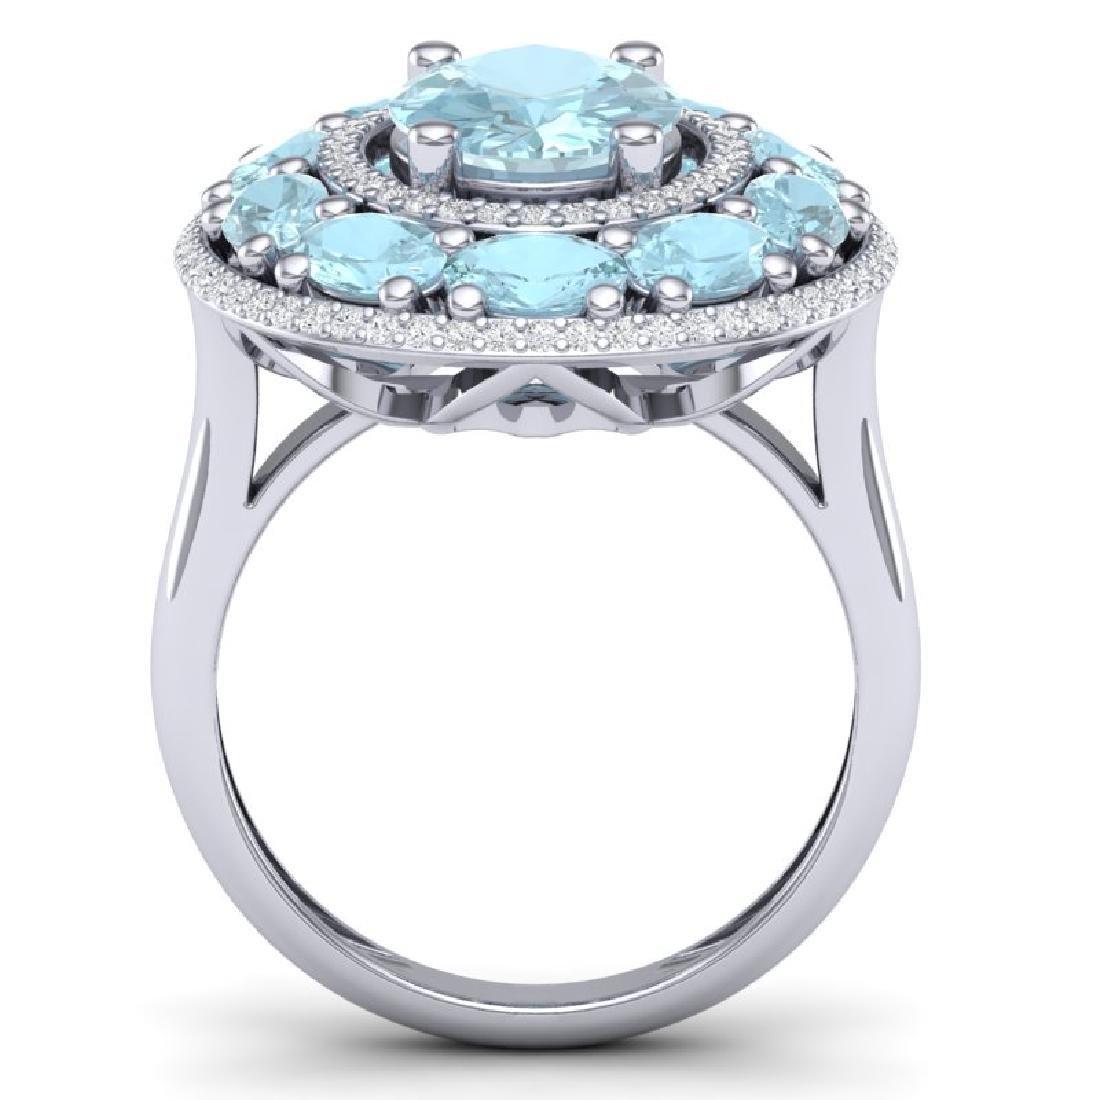 8.47 CTW Royalty Sky Topaz & VS Diamond Ring 18K White - 3